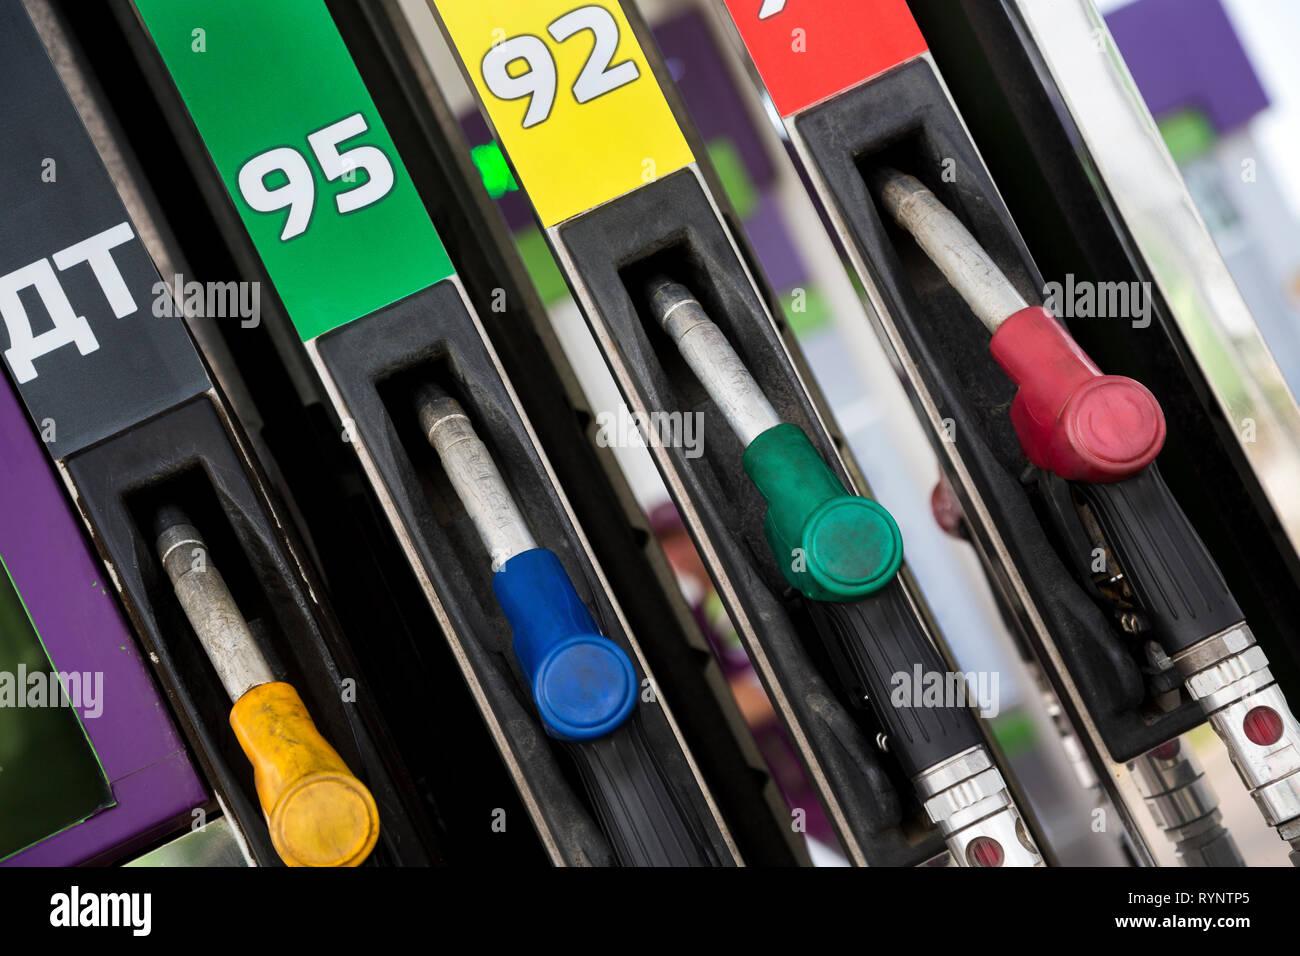 Pistole per riempimento con benzina di diversi numeri di ottano e il carburante diesel per auto in una stazione di benzina a Mosca, Russia Immagini Stock